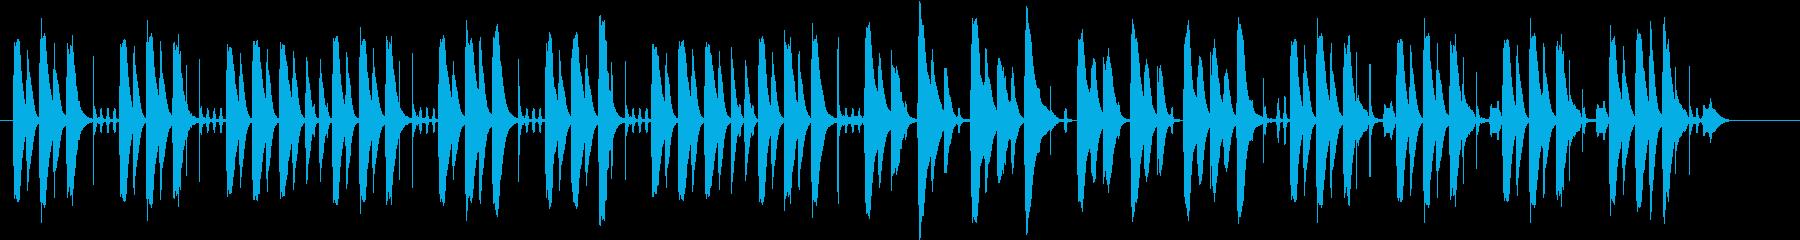 コミカルな場面で使える木琴の曲の再生済みの波形